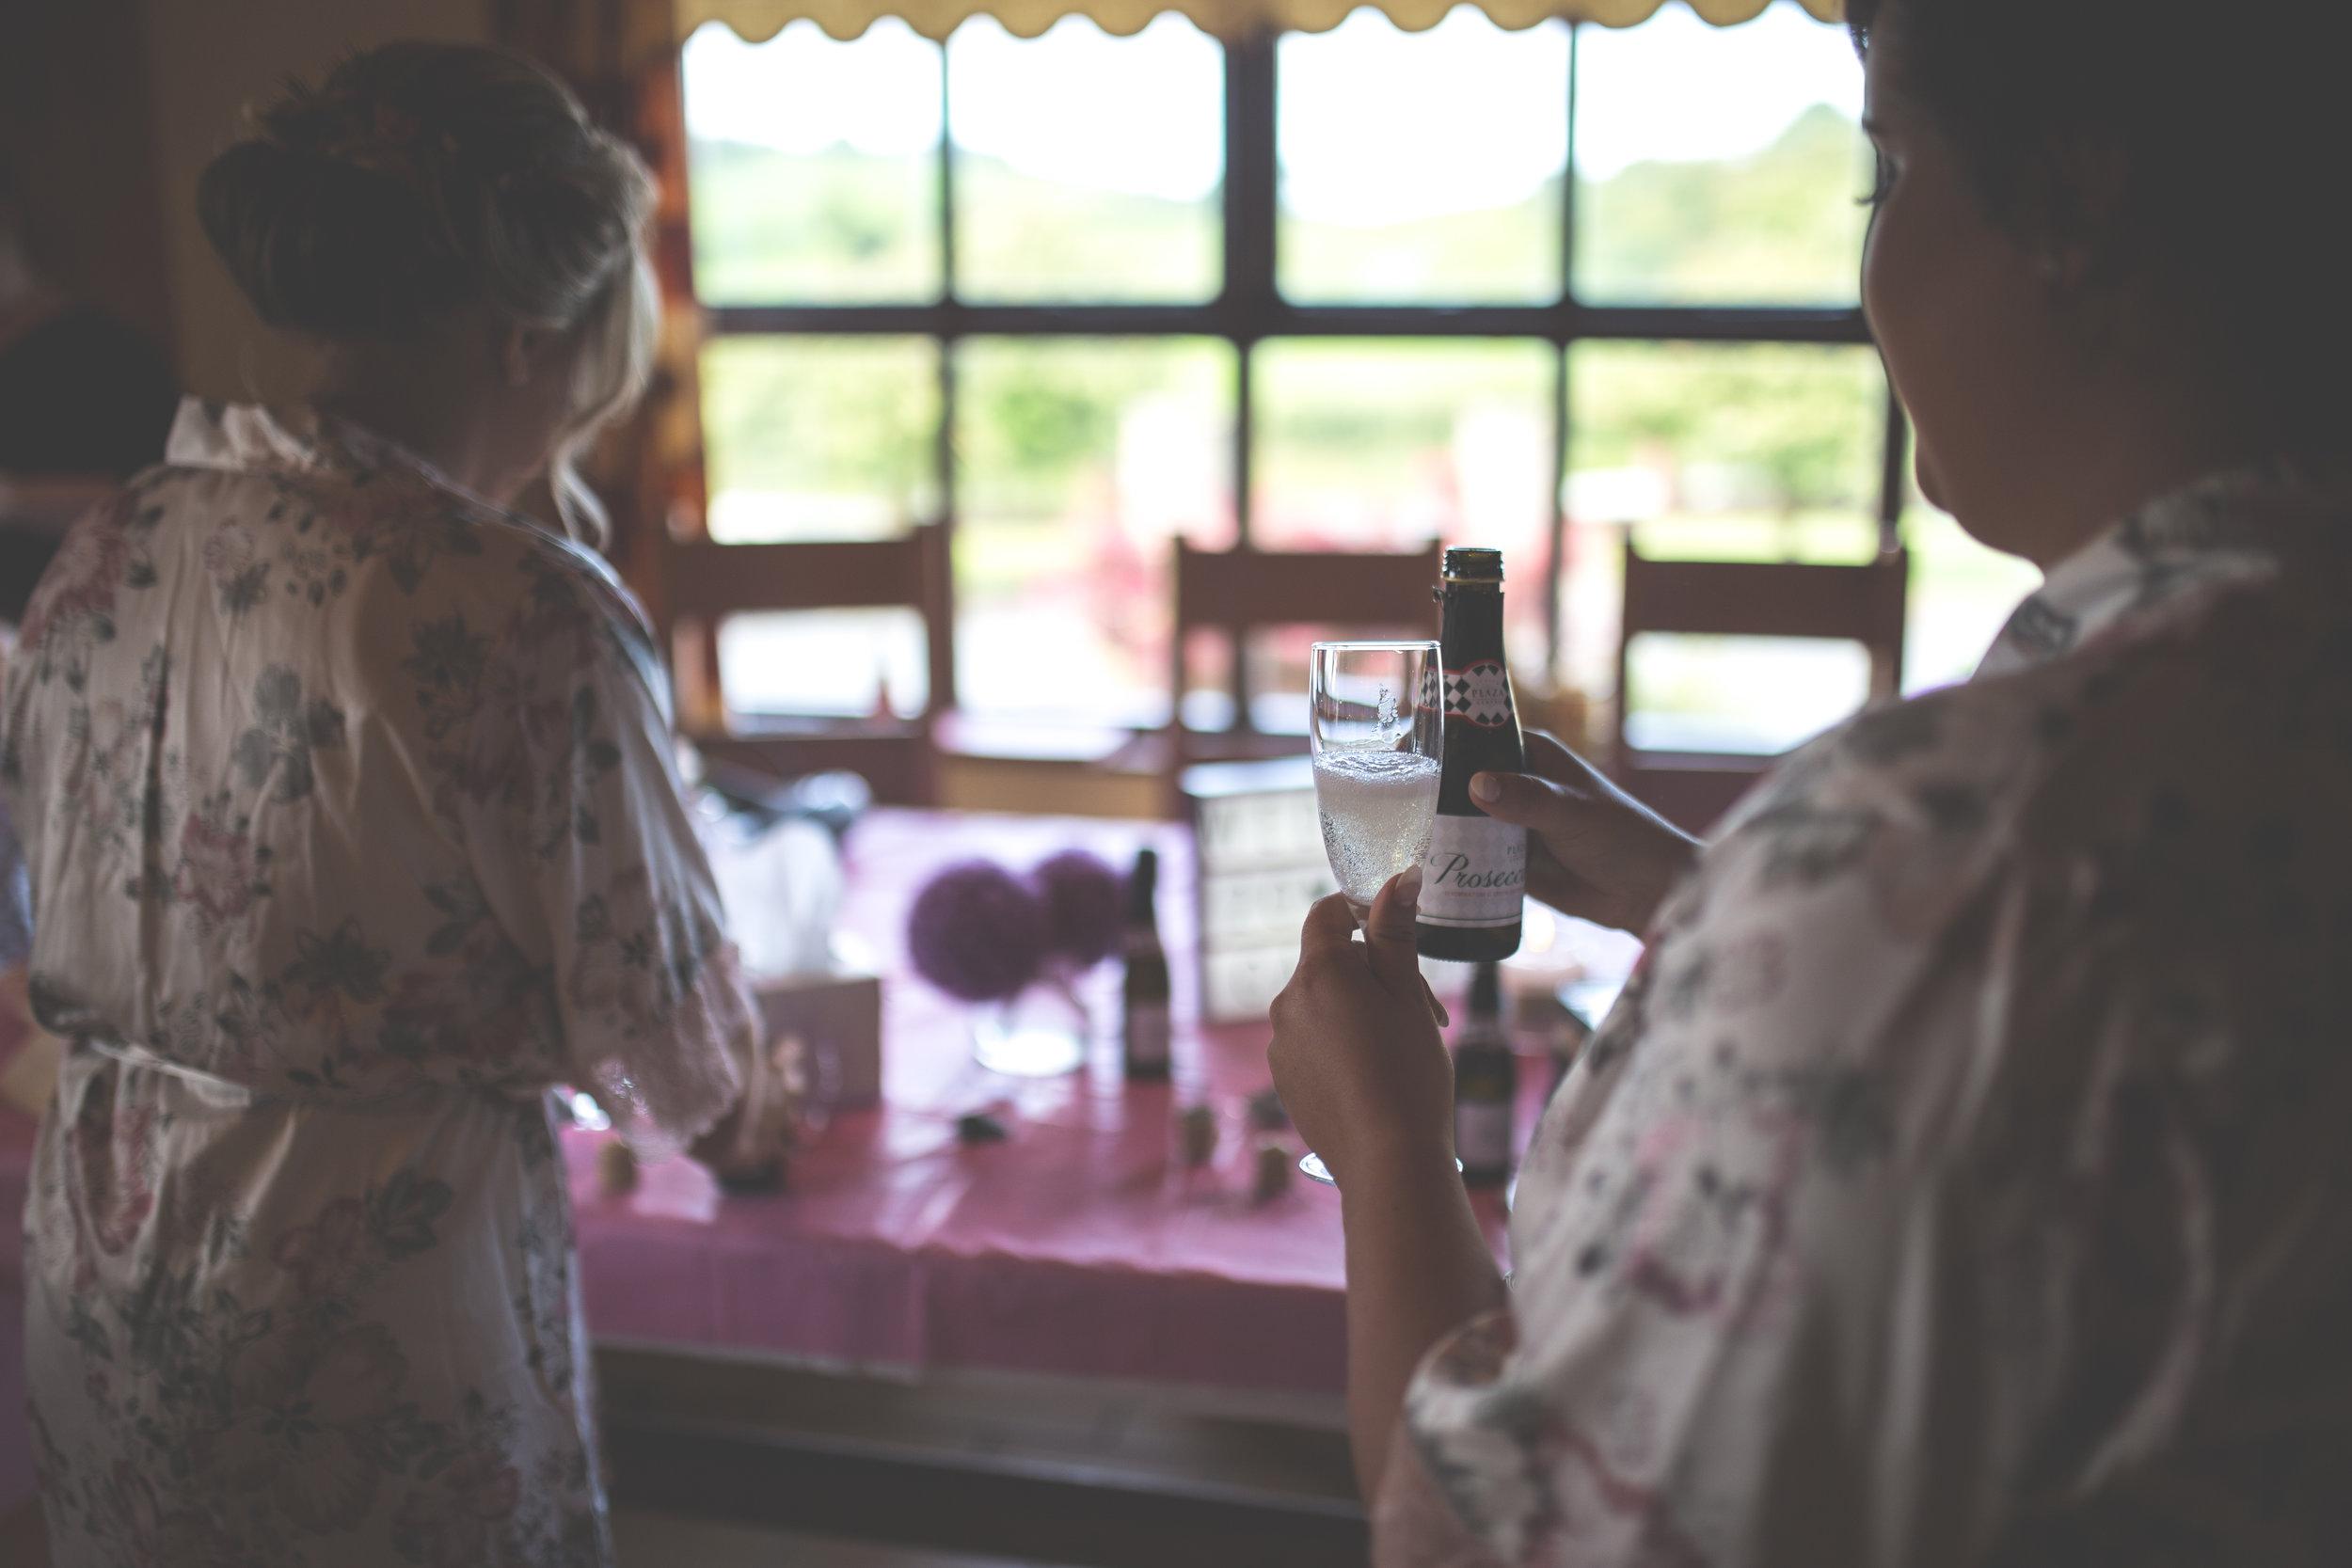 Brian McEwan Wedding Photography | Carol-Anne & Sean | Bridal Preparations-101.jpg